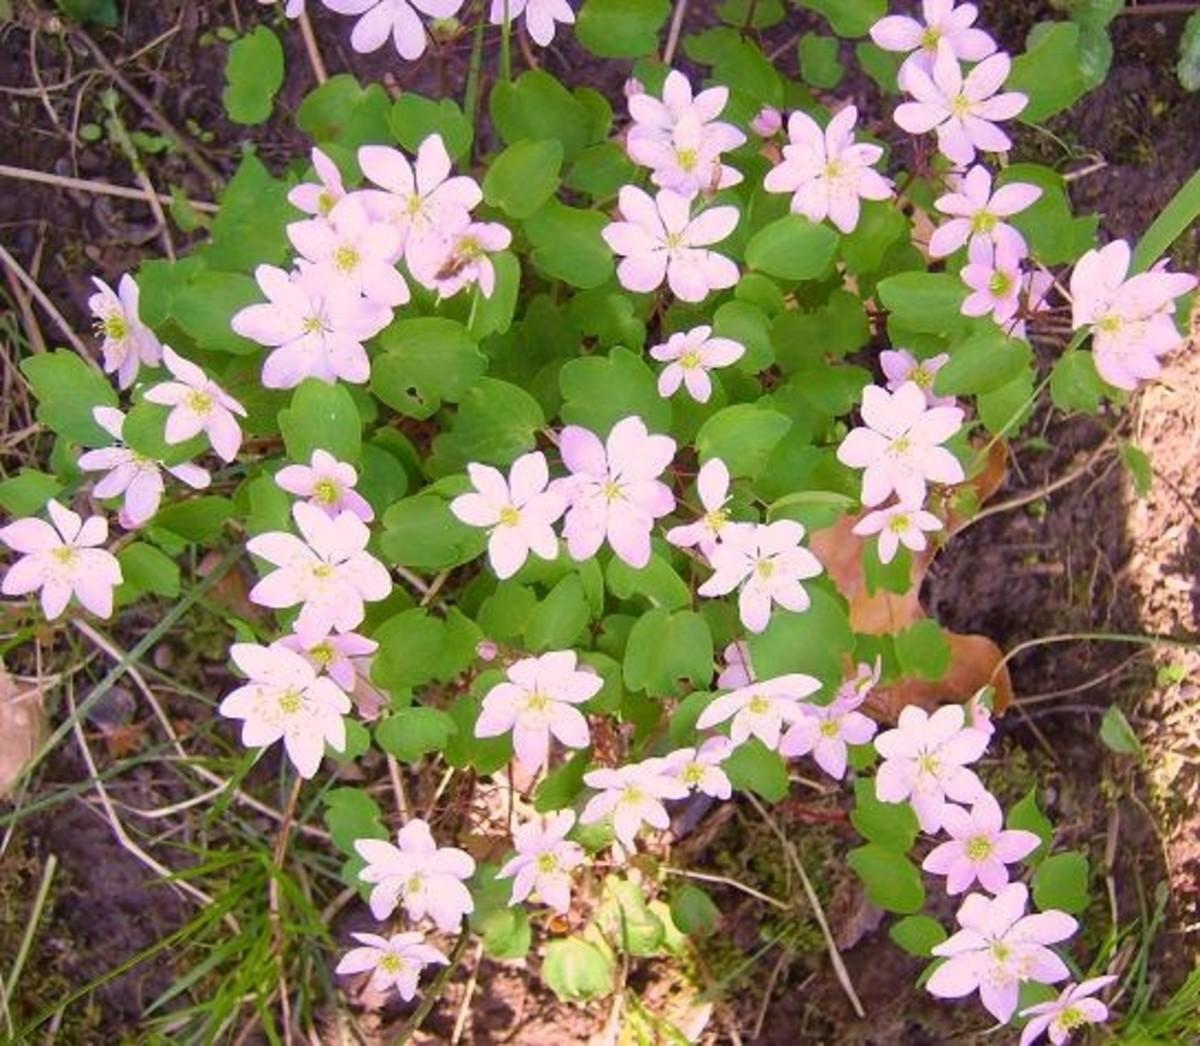 3/31/12 Pink wildflowers